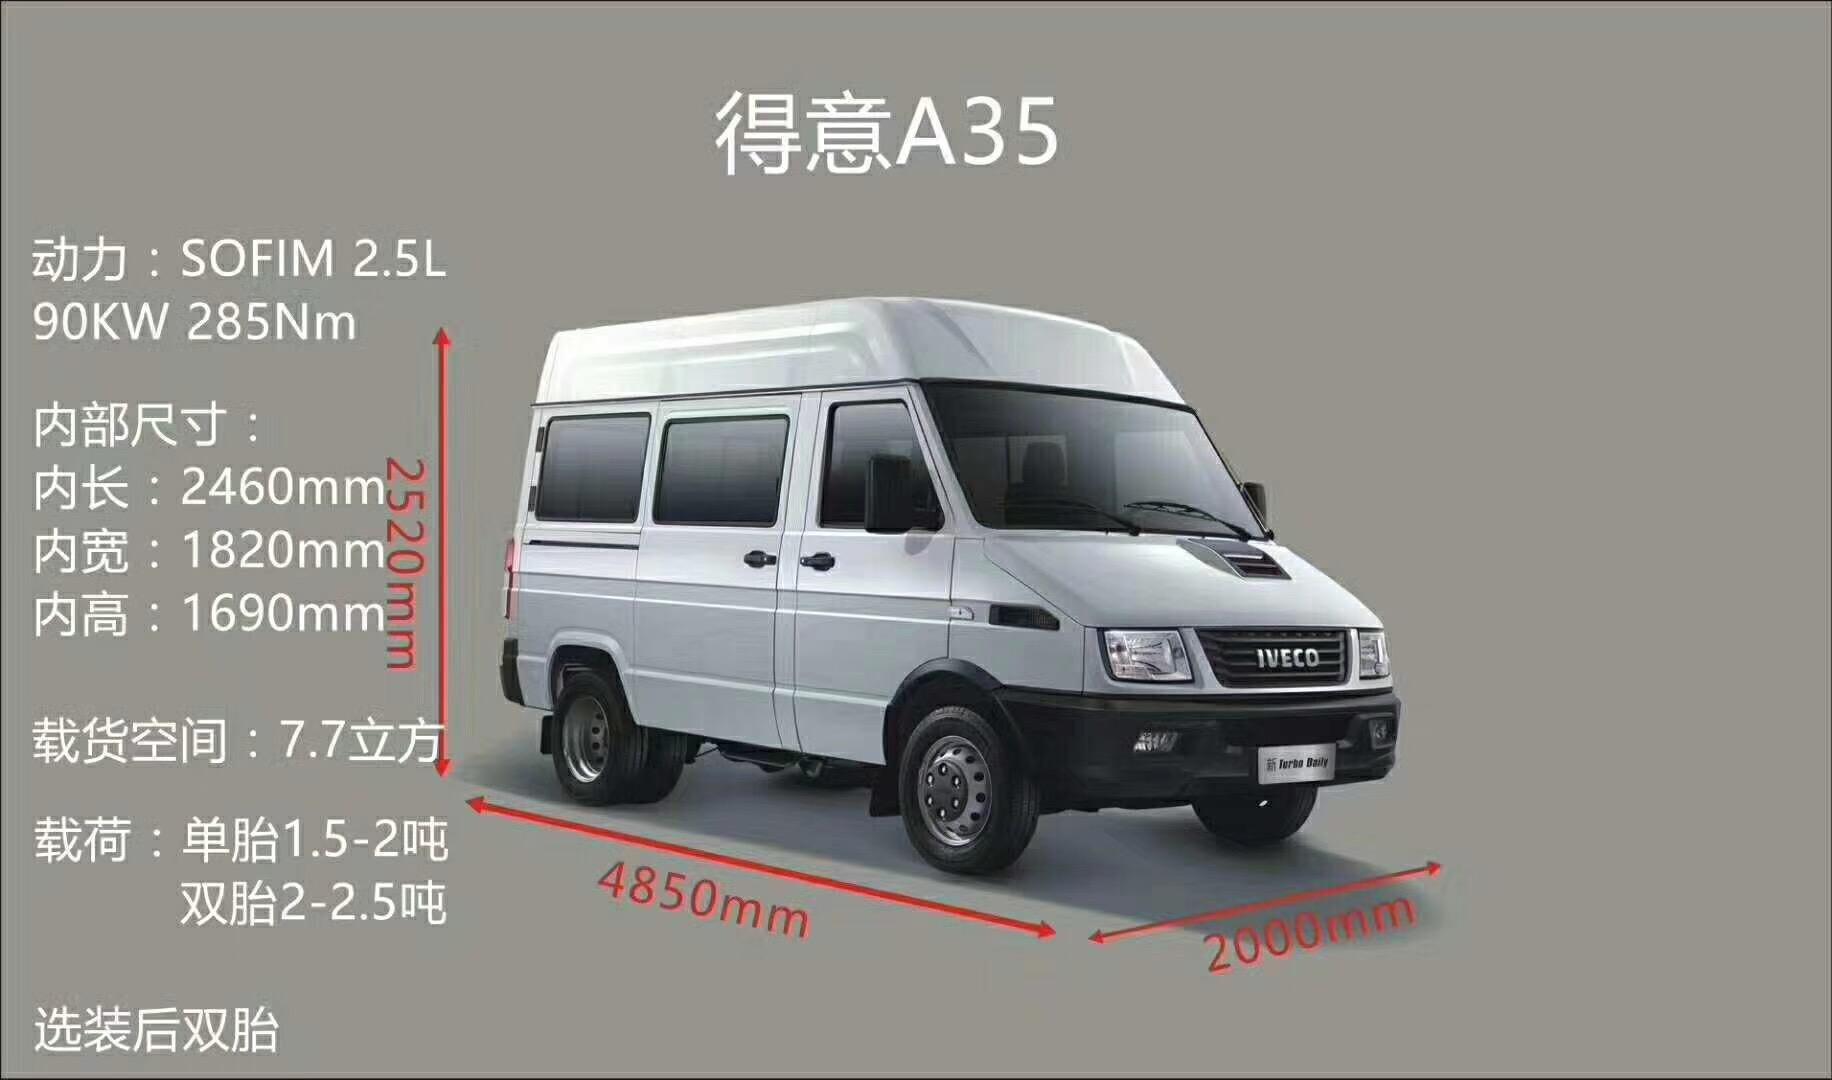 购 依 维柯A35,V35最高优惠12000元 汽车快讯-盘锦远翔汽车销售有限公司